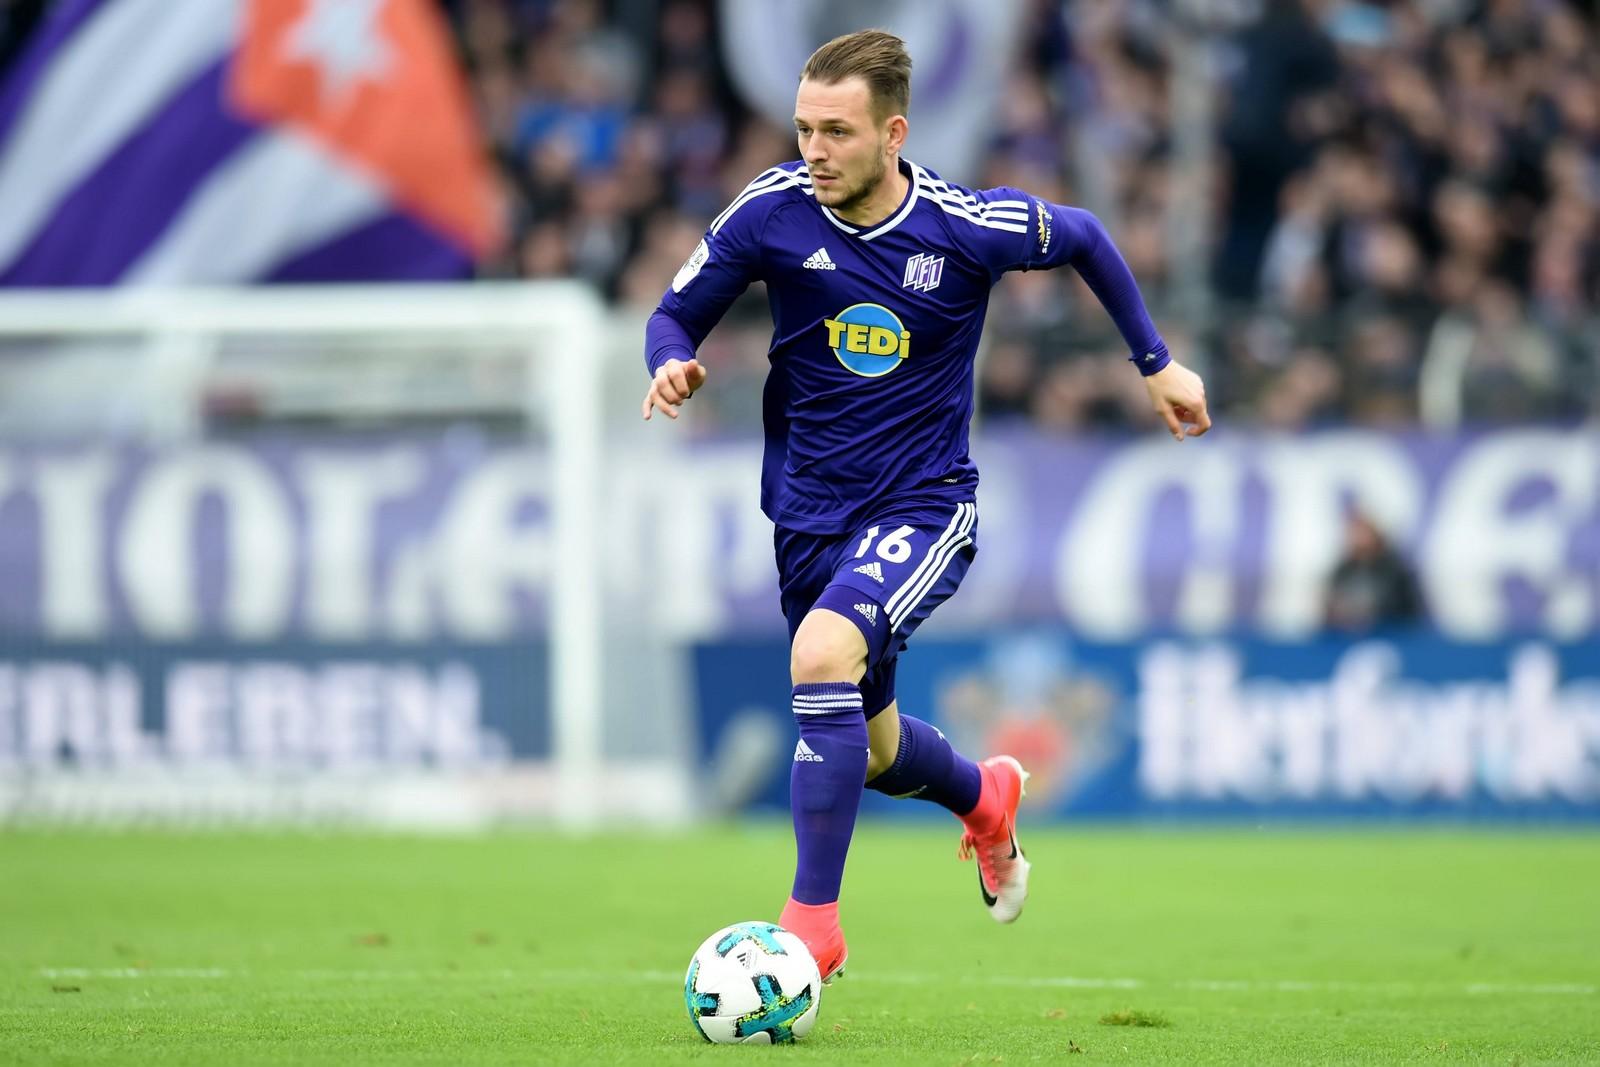 Marc Wachs, Spieler des VfL Osnabrück